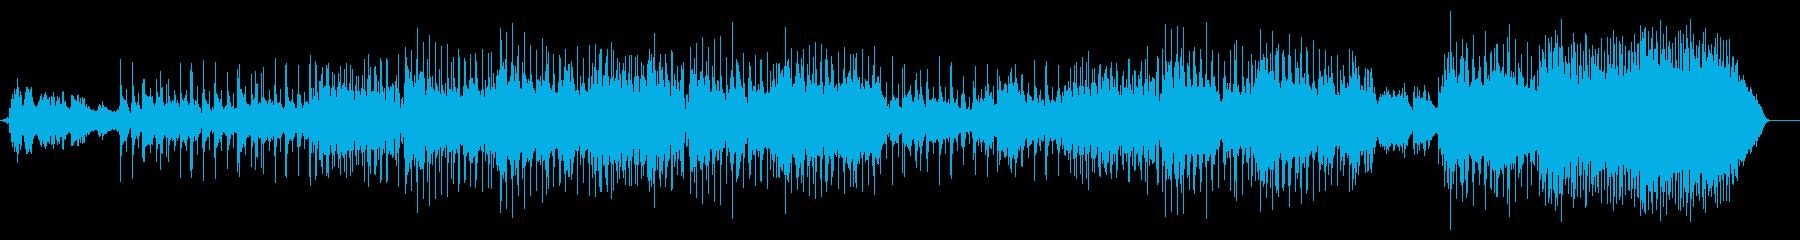 パイプオルガンがロマンチックなバラードの再生済みの波形